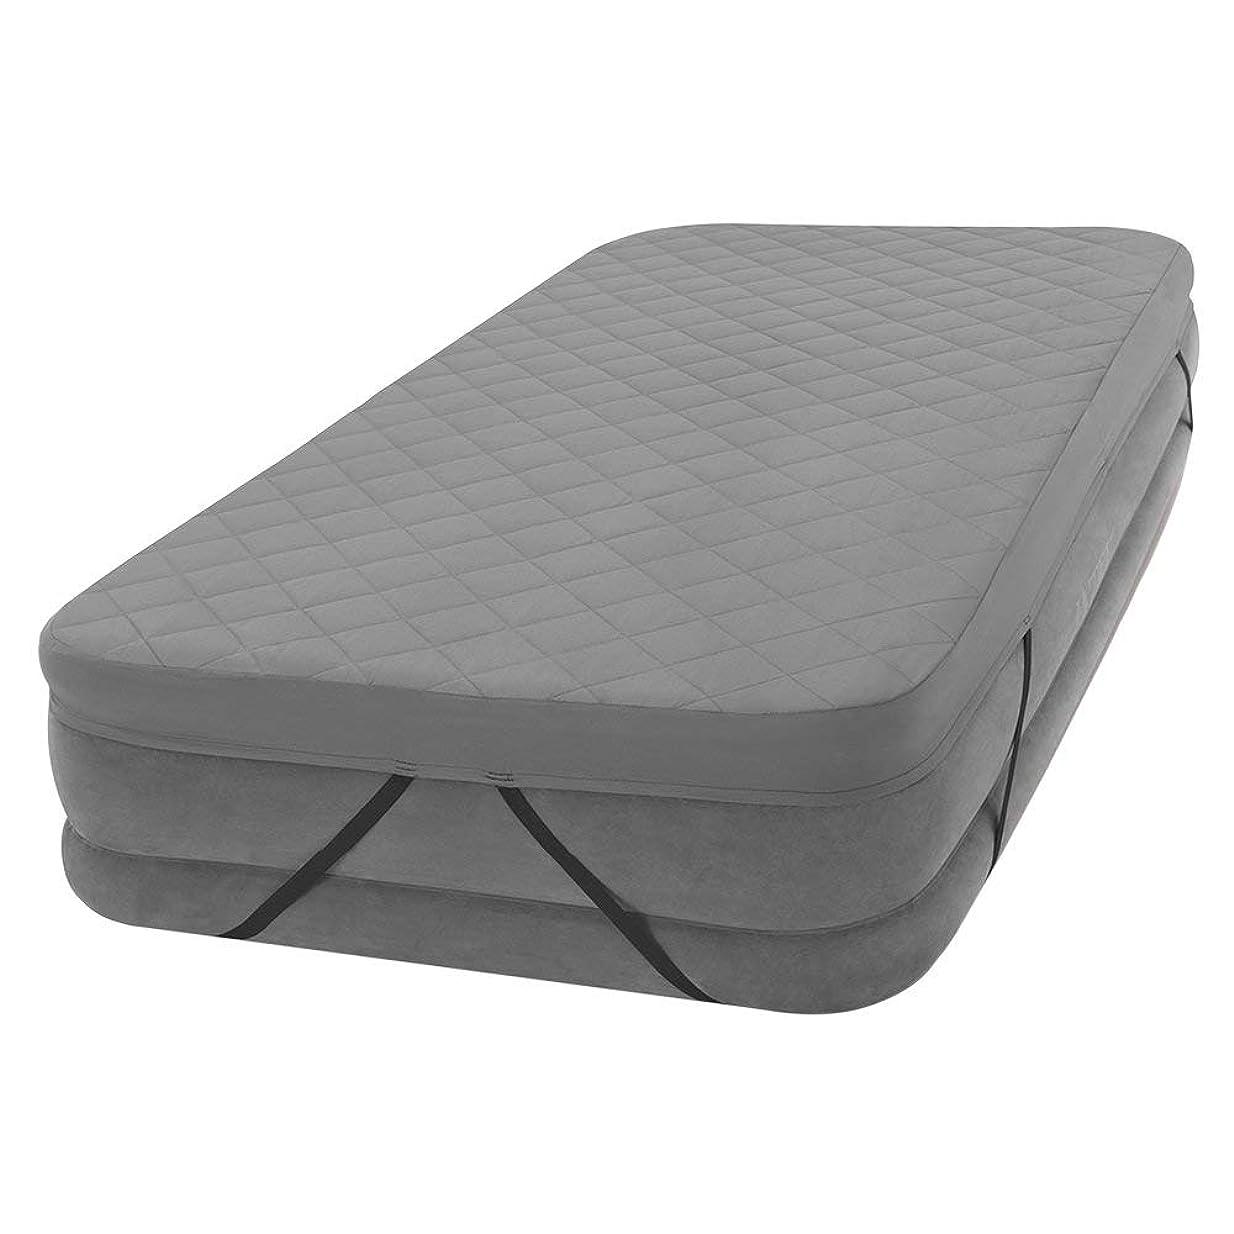 閉塞起こりやすいロータリーINTEX(インテックス) ベッドカバー グレー シングル エアーベッド カバー シーツ シングルサイズ対応 69641